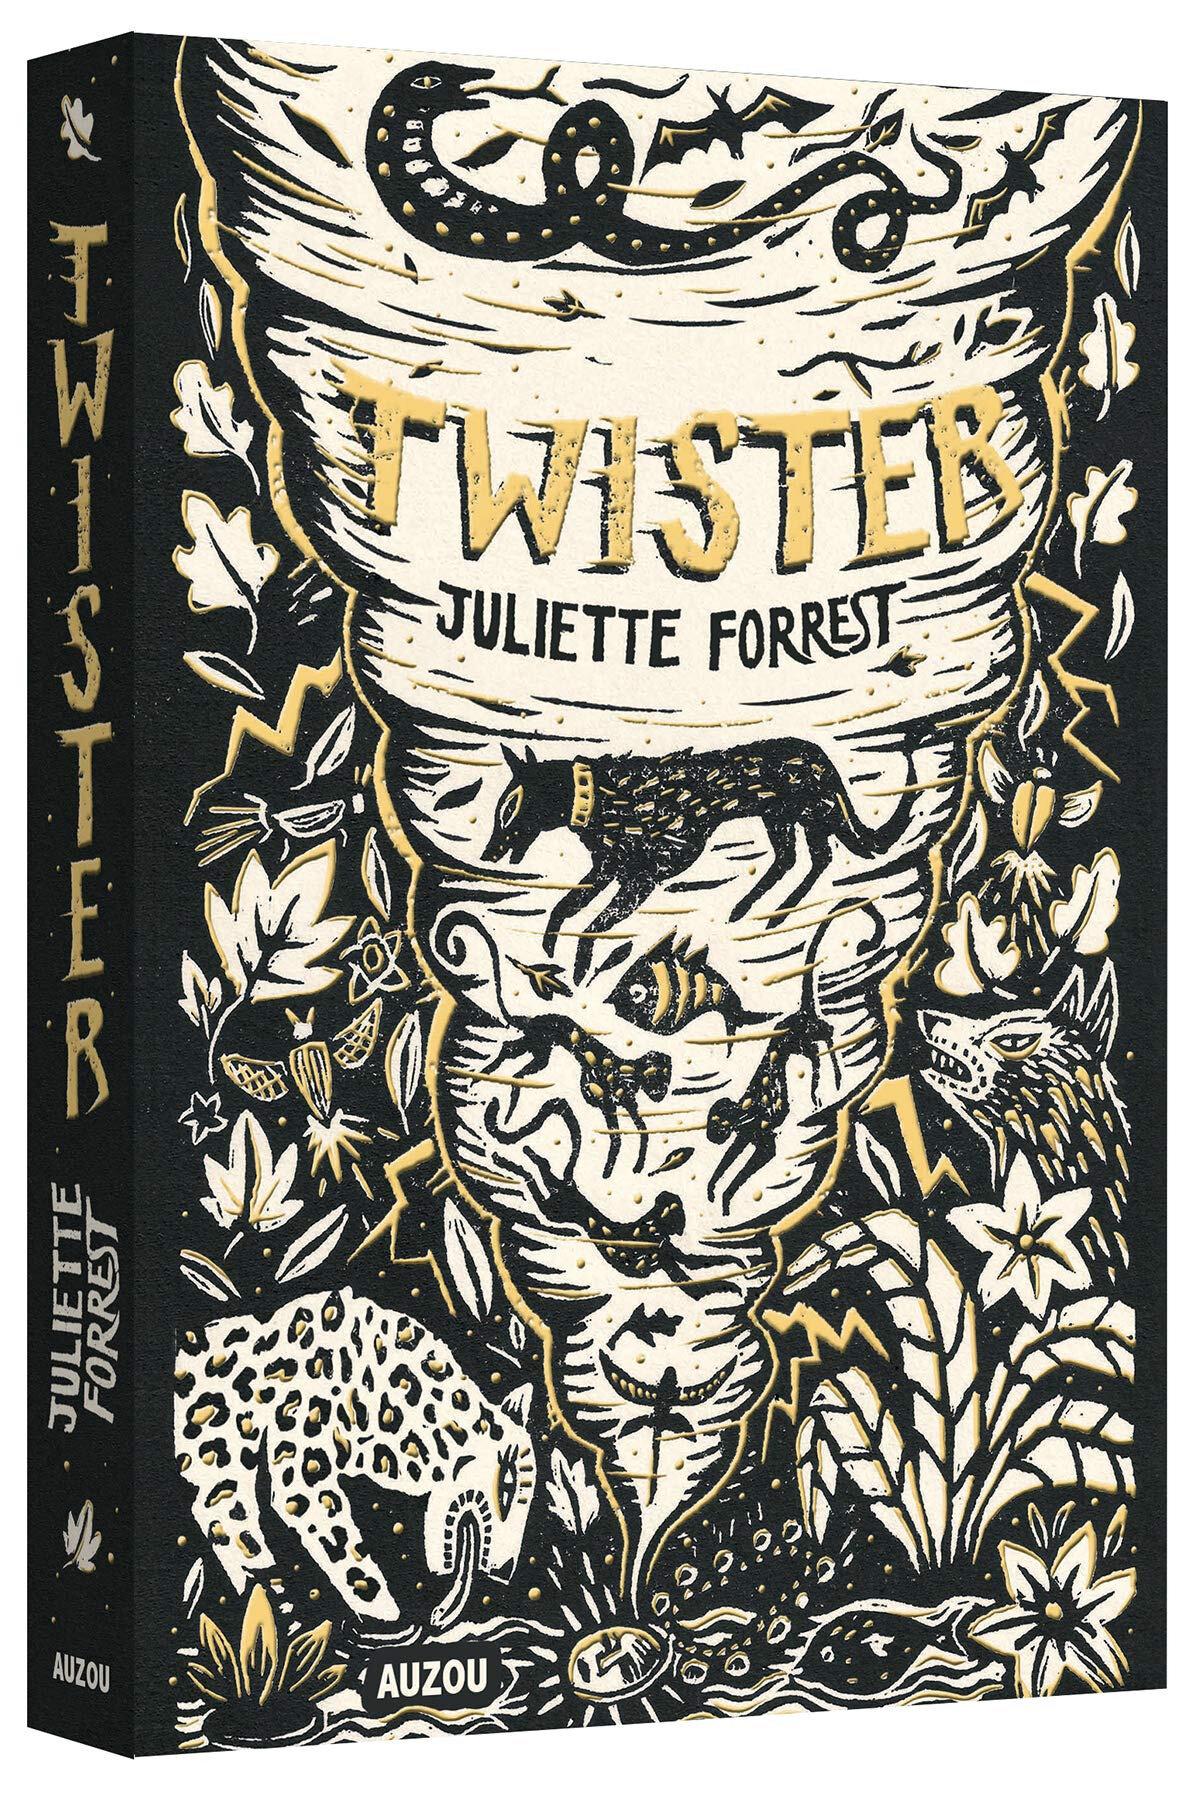 Twister, de Juliette Forrest, chez Auzou ***